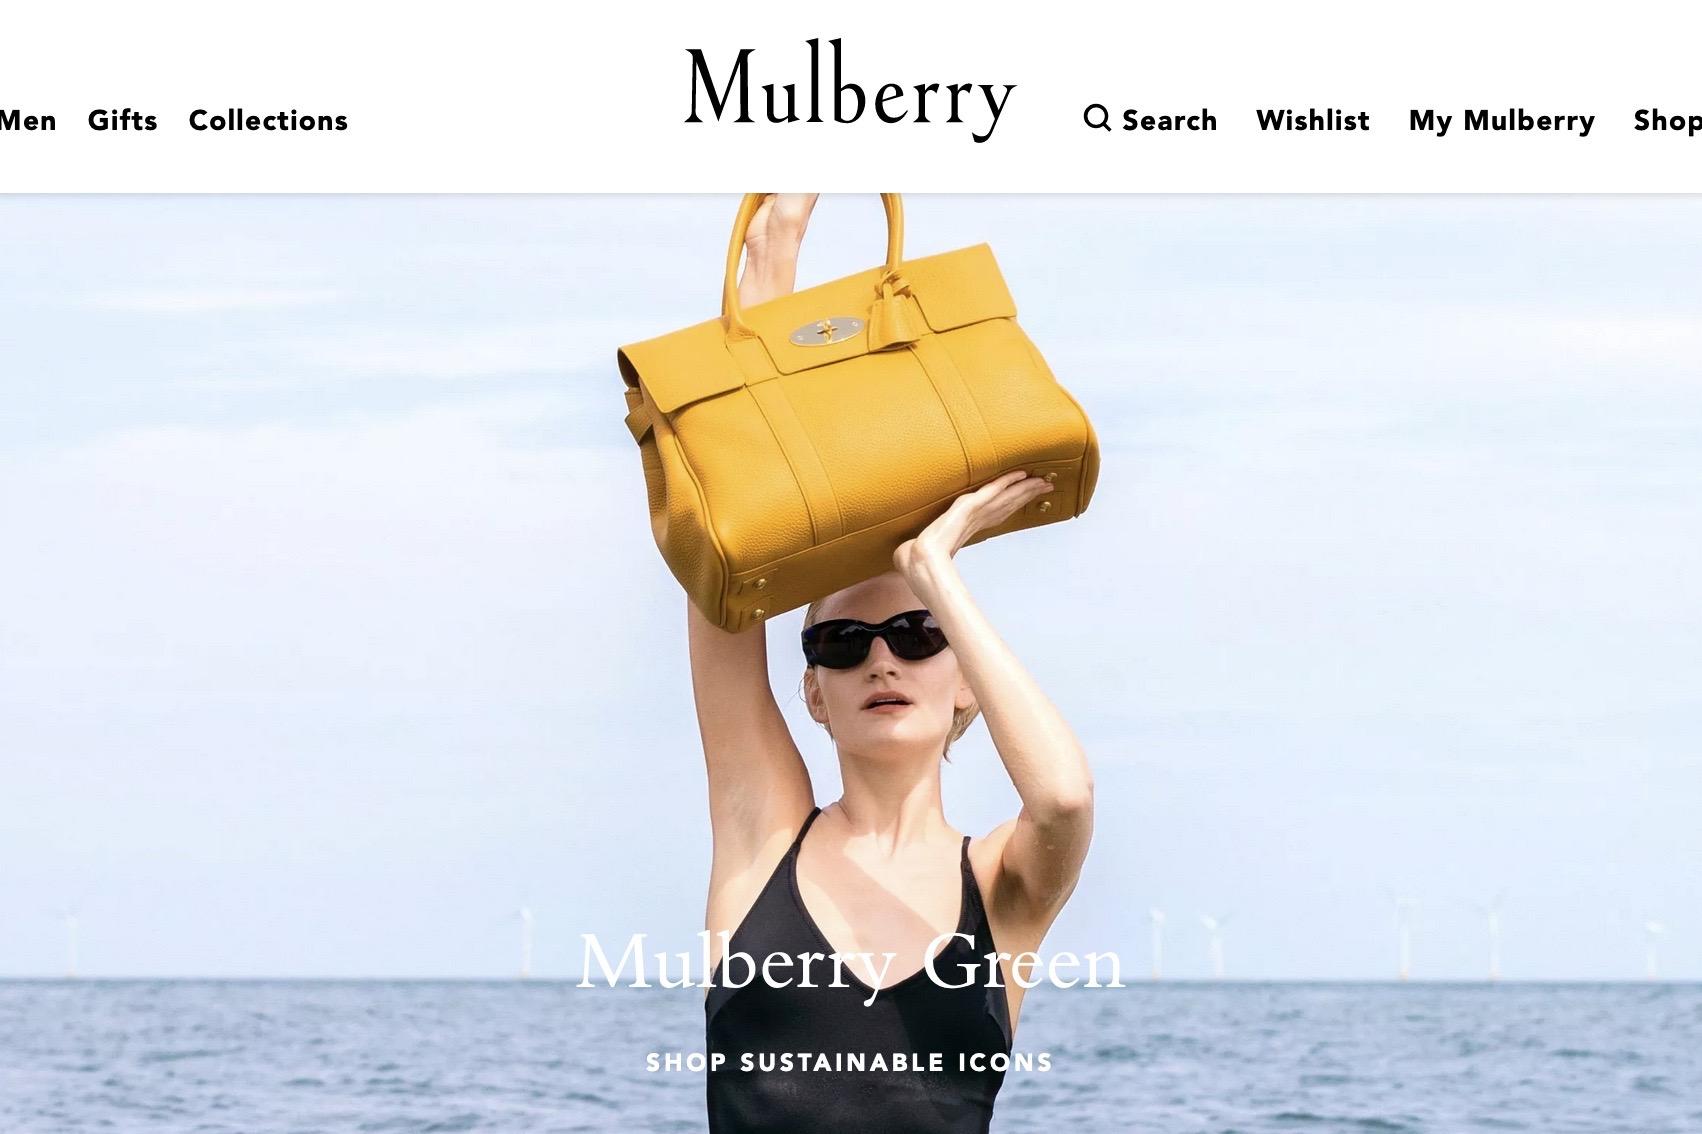 Mulberry最新年度财报:净销售额同比下降10%,但战略和运营取得重大进展